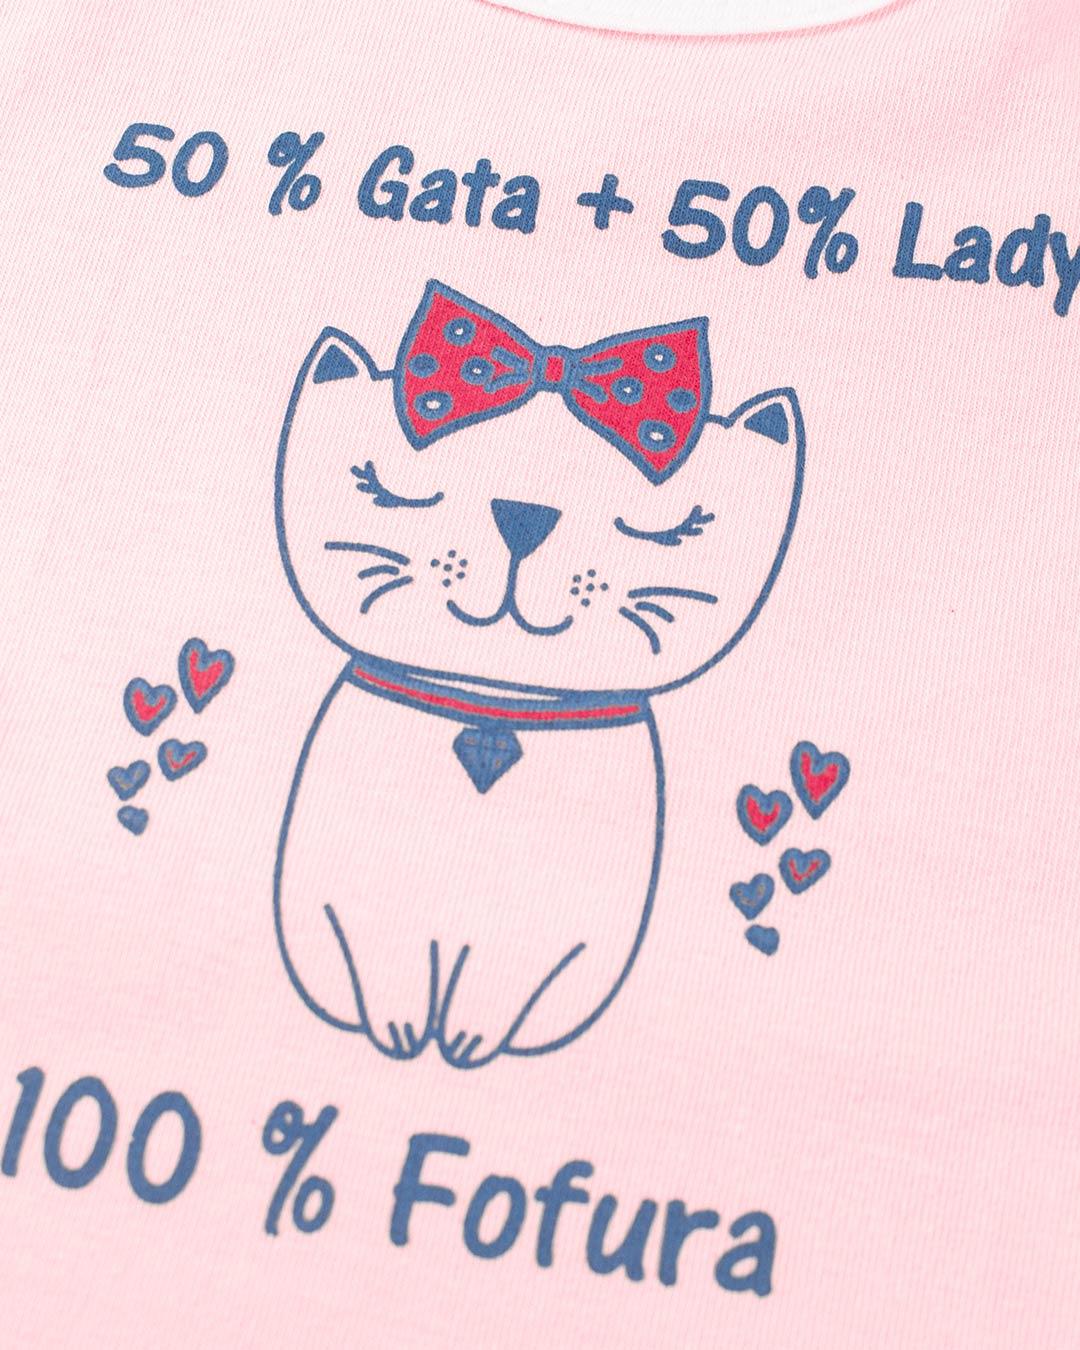 Kit Body 4 Peças 50% Gata + 50% Lady Rosa - Cara Metade